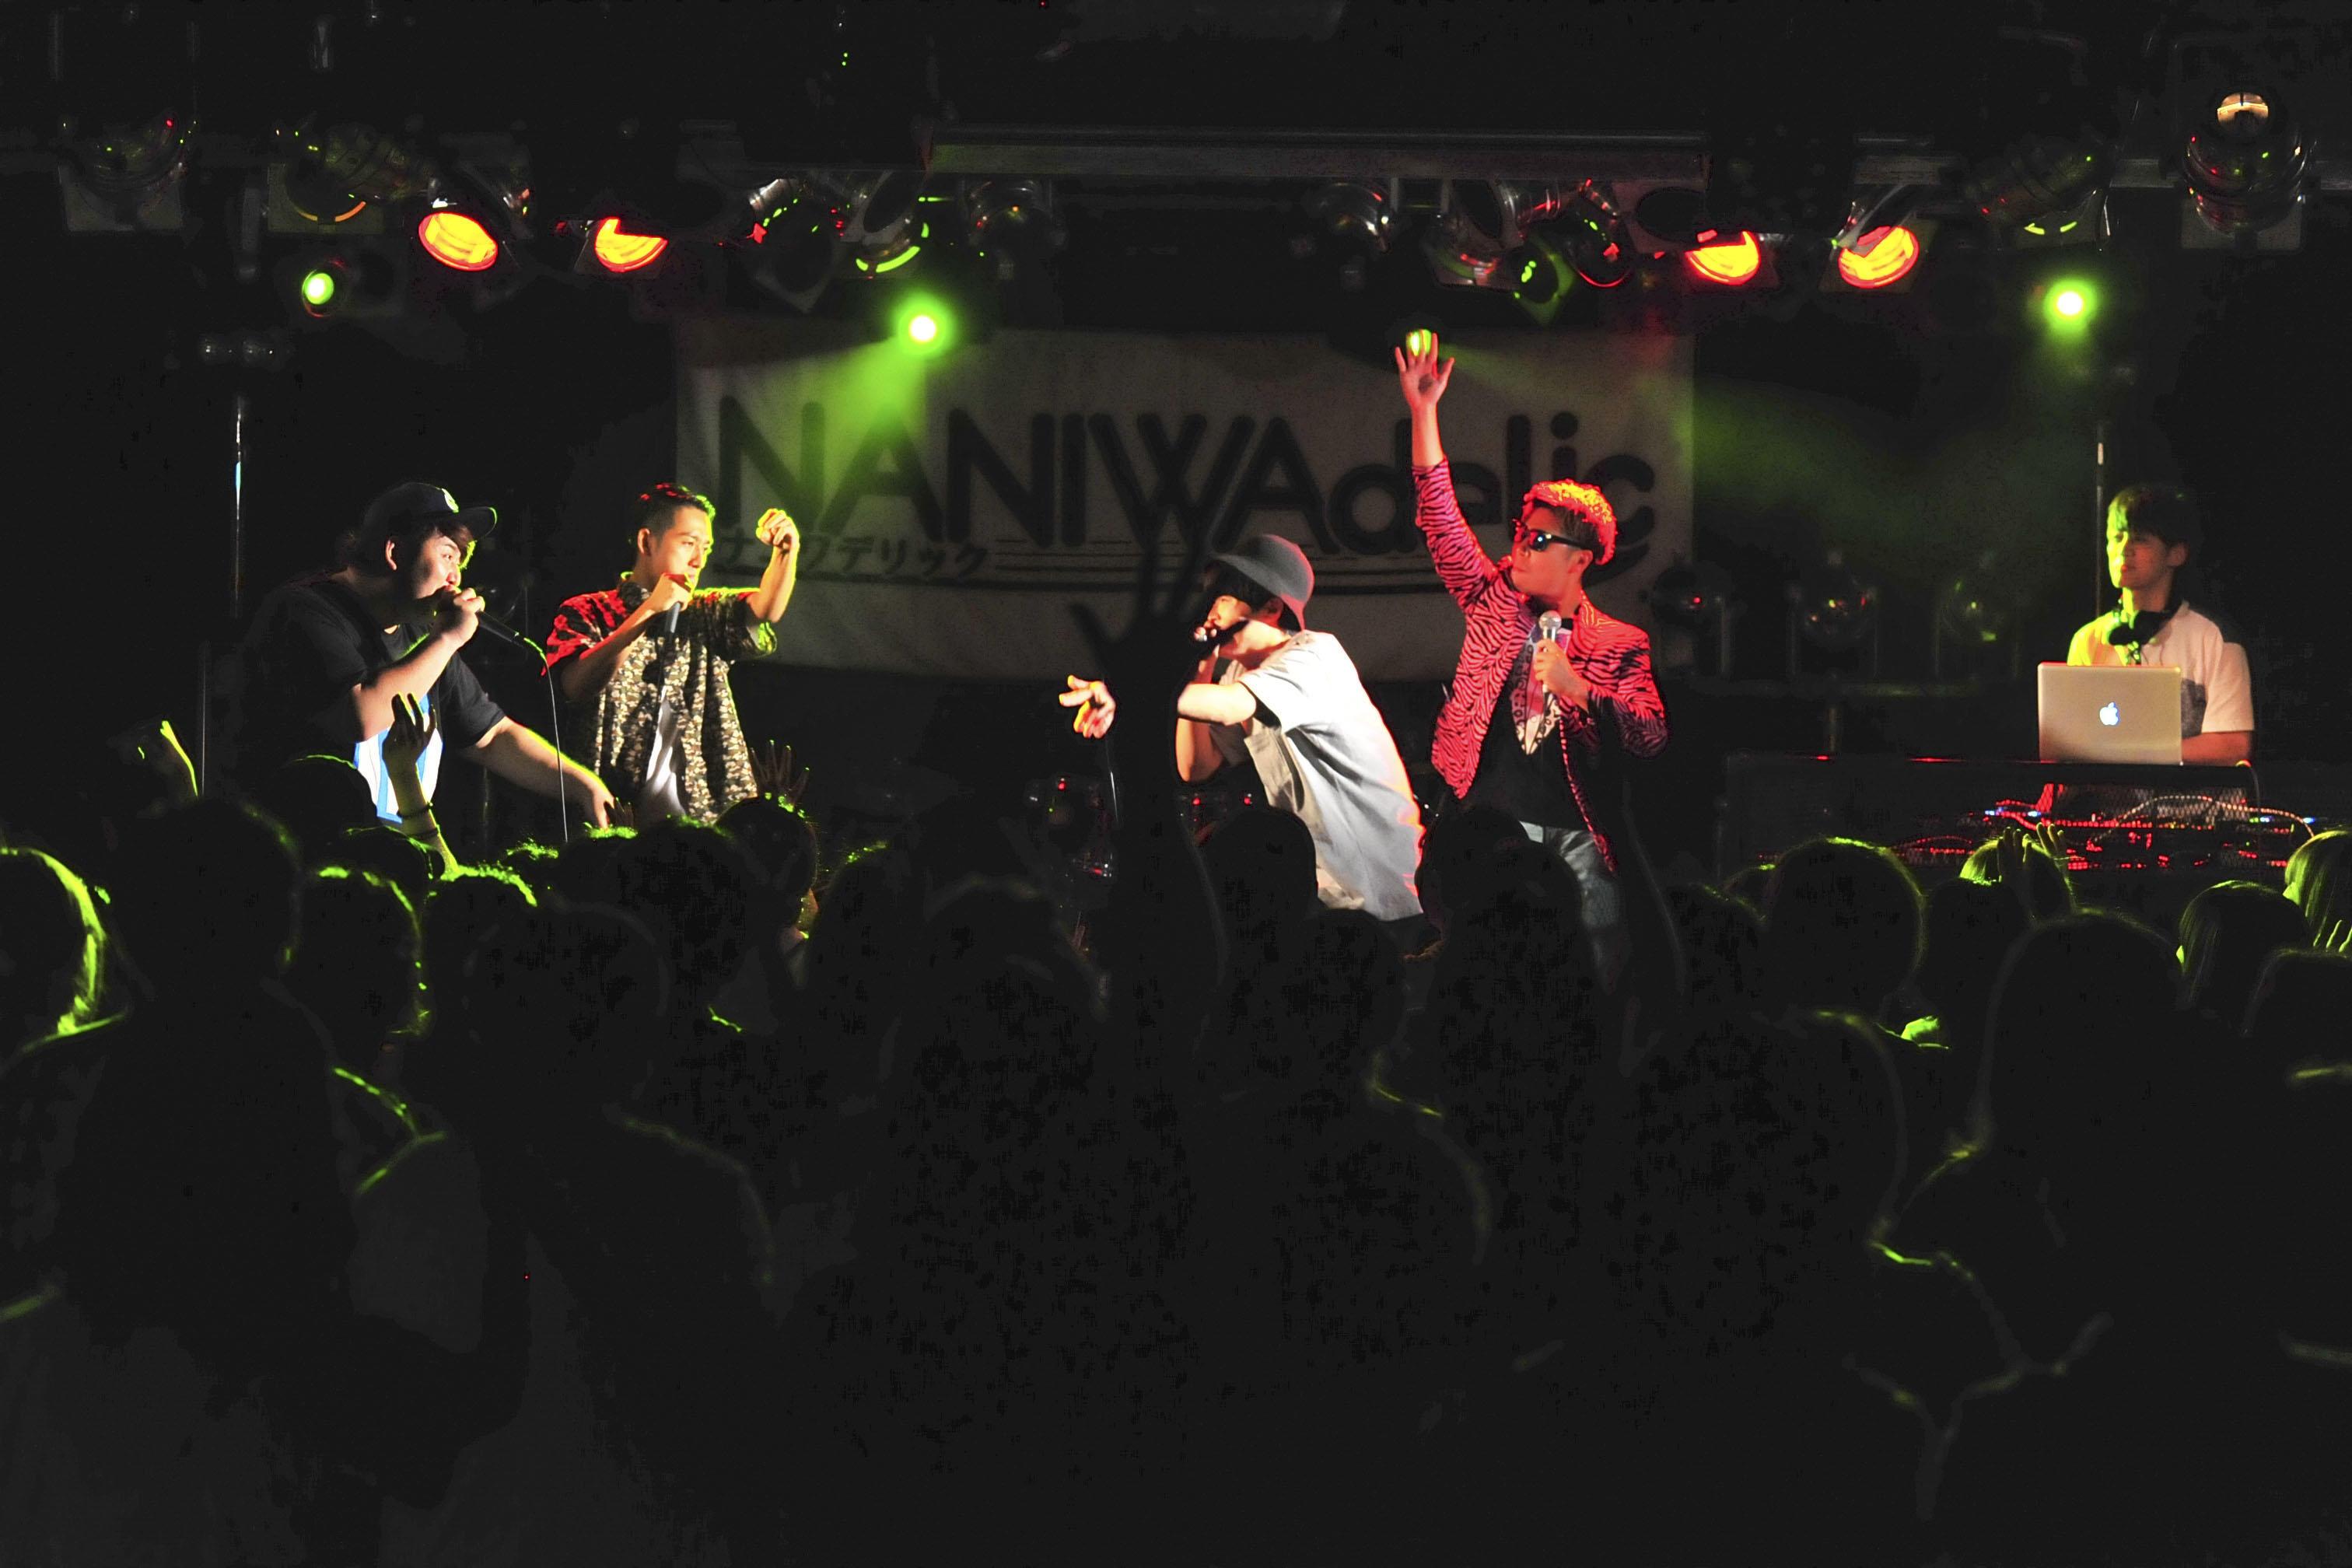 http://news.yoshimoto.co.jp/20170802094346-f94a10c28eba88f344d8dd4d9da5f530ad0f3903.jpg